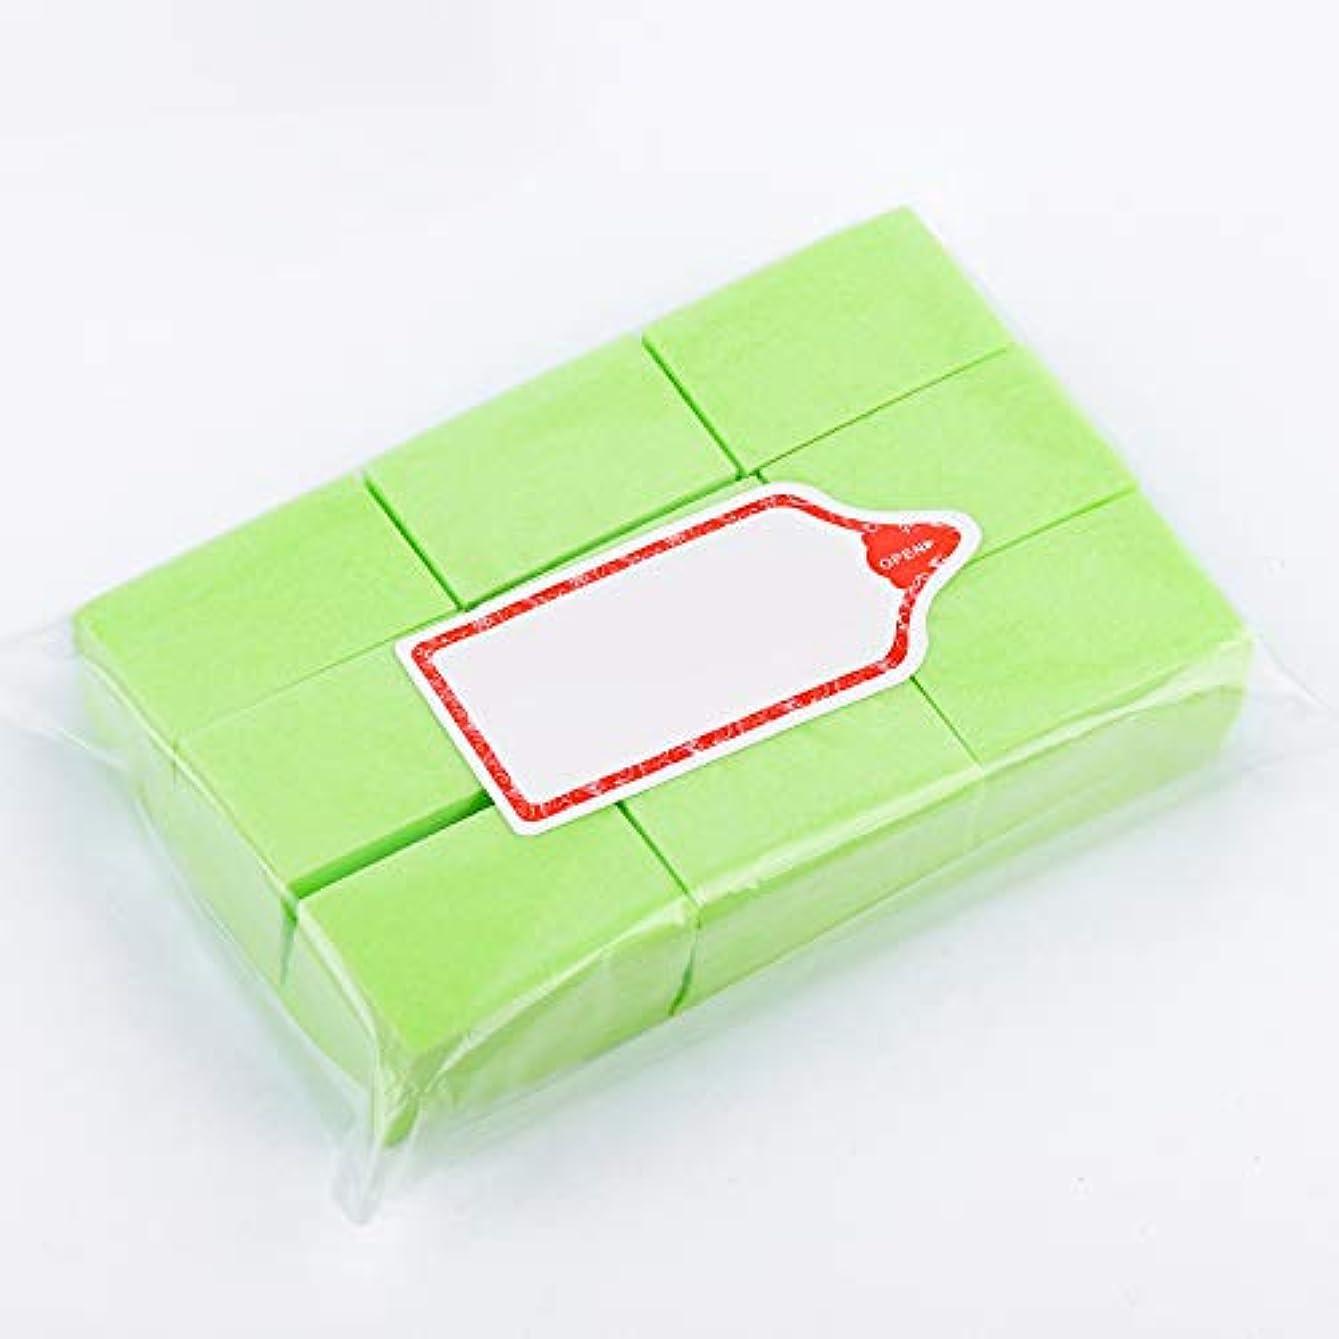 先入観資格腐ったLWBTOSEE ネイルワイプ コットンパッド 綿繊維 クリーニングパッド リムーバーワイプ 柔らかい 安全無毒 600枚入 全4色 (緑)